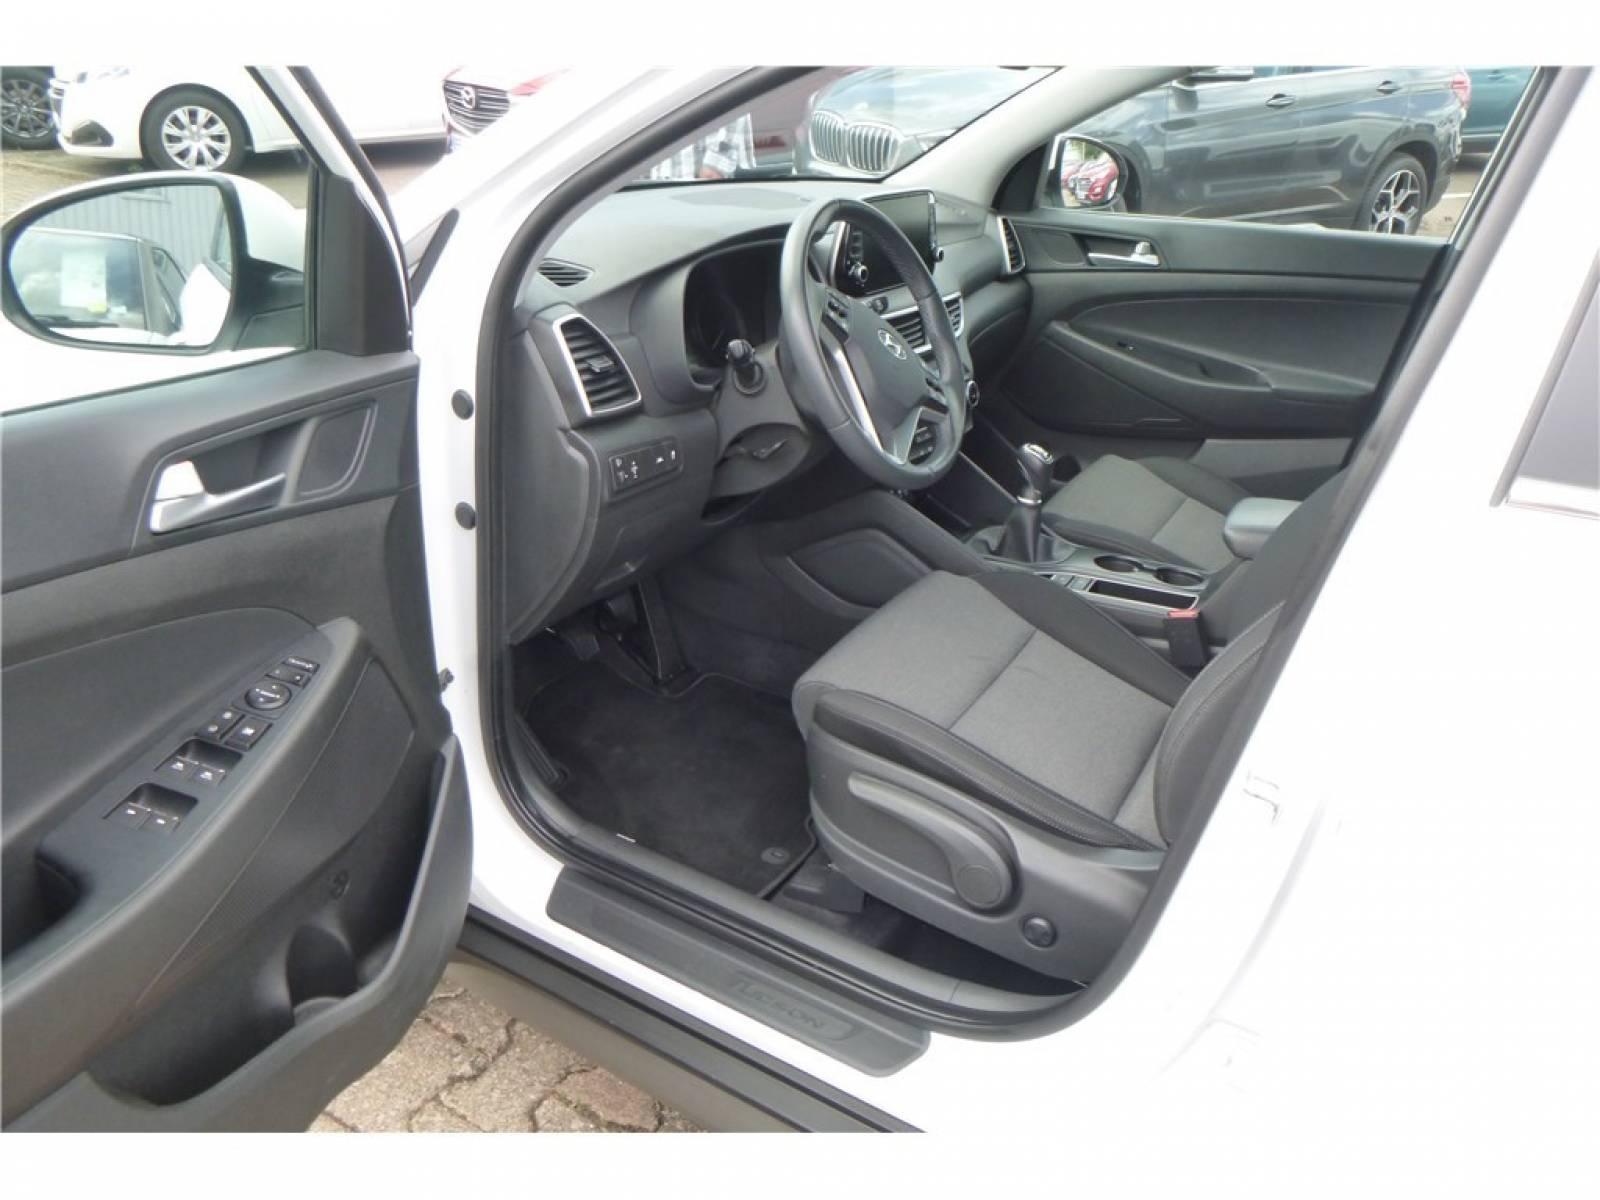 HYUNDAI Tucson 1.6 CRDi 115 - véhicule d'occasion - Groupe Guillet - Chalon Automobiles - 71100 - Chalon-sur-Saône - 13